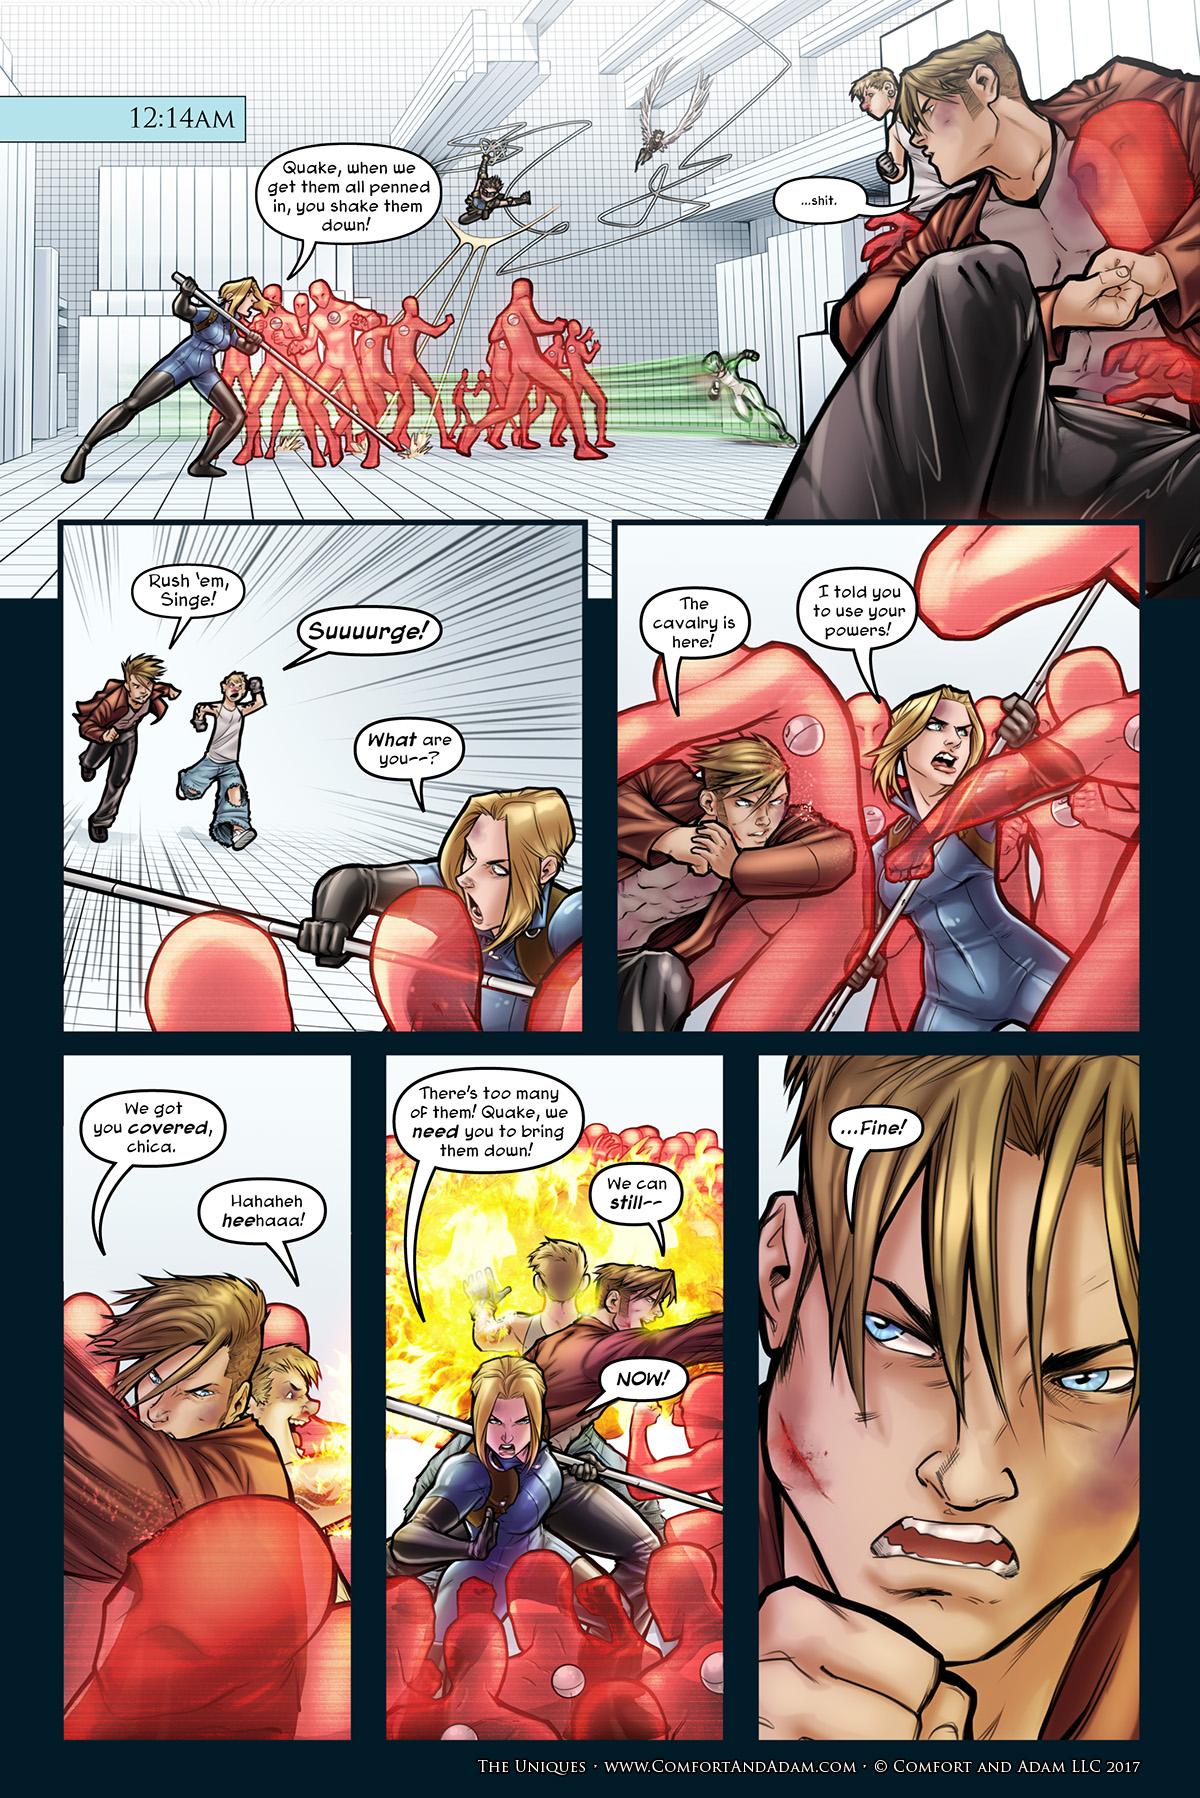 The Uniques #3, pg. 14: SURGE!